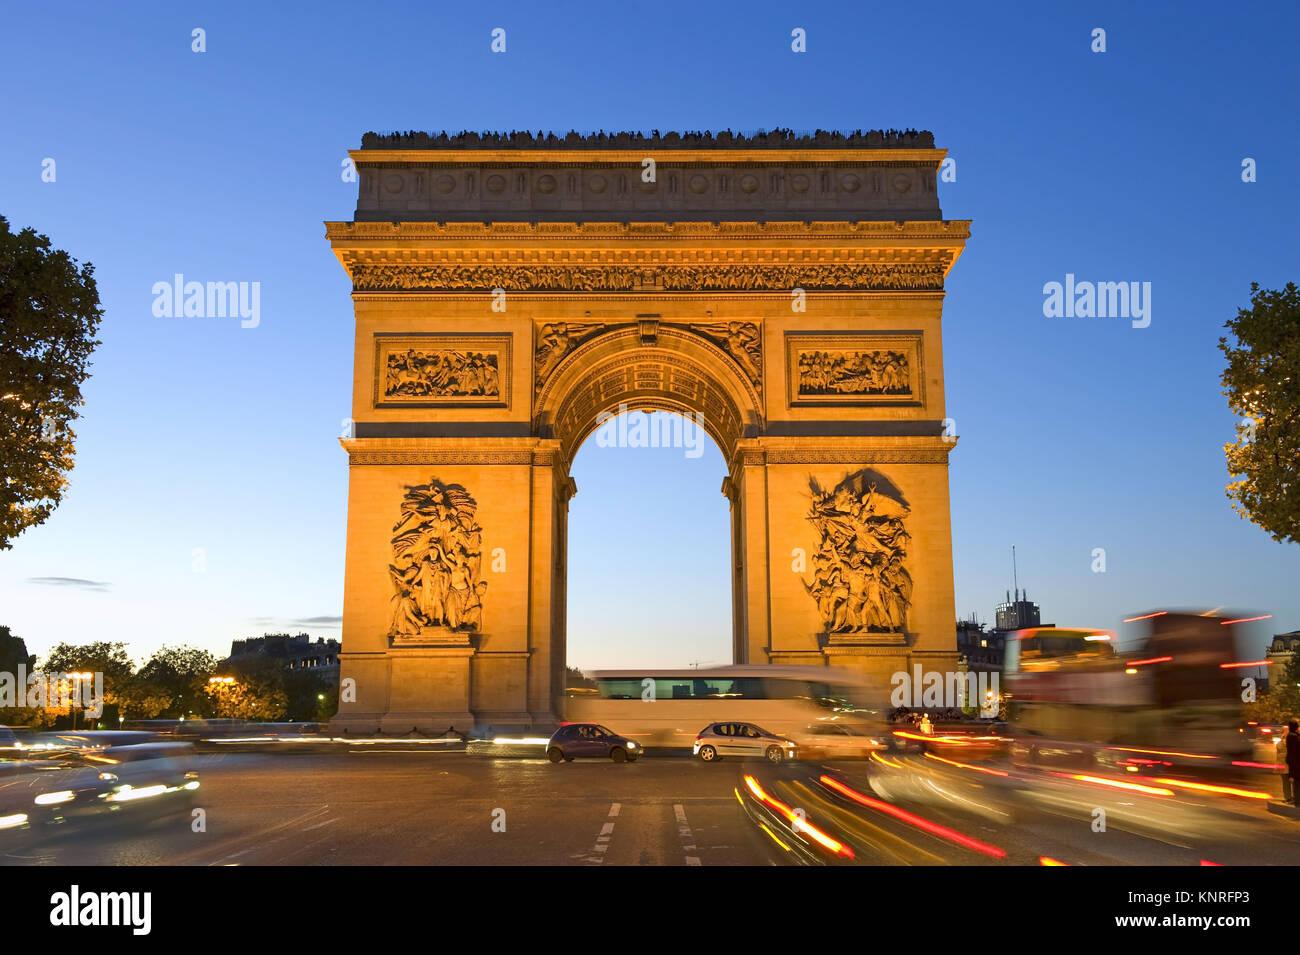 Beleuchteter Arc de Triomphe, Paris, Frankreich Imagen De Stock